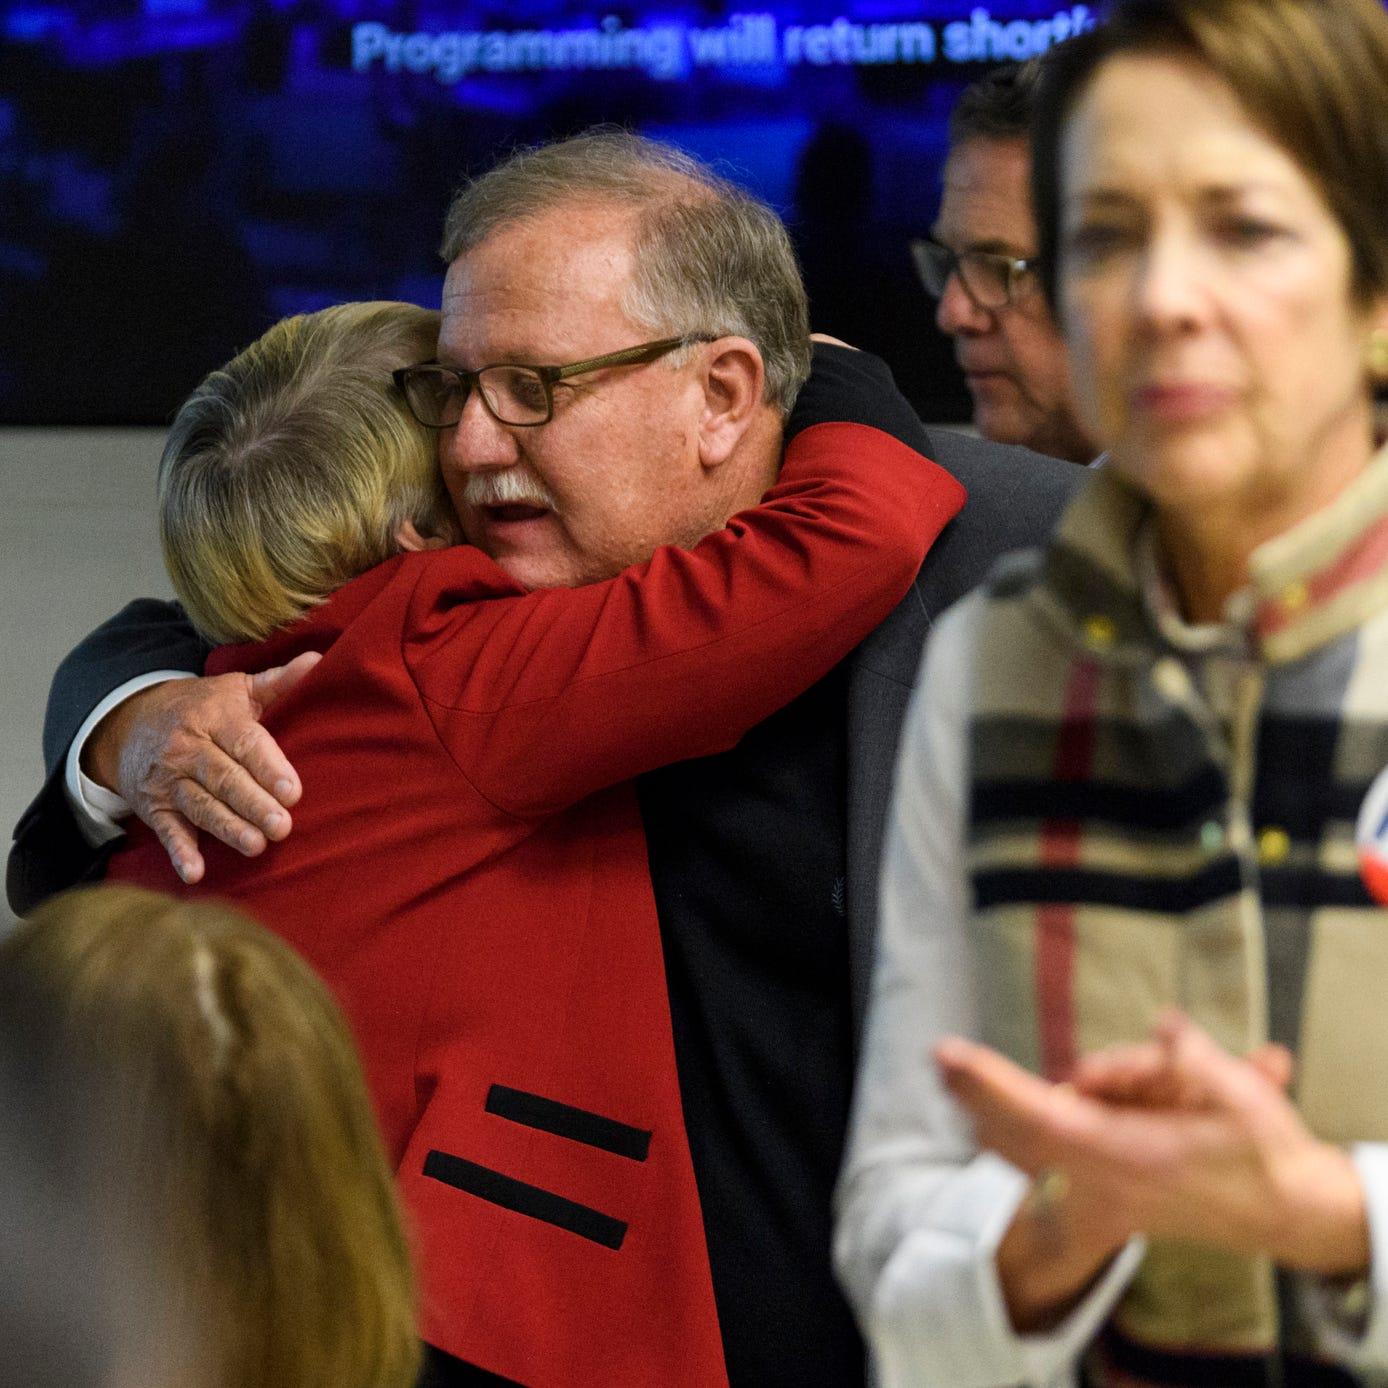 Duckworth may seek recount in Vanderburgh race